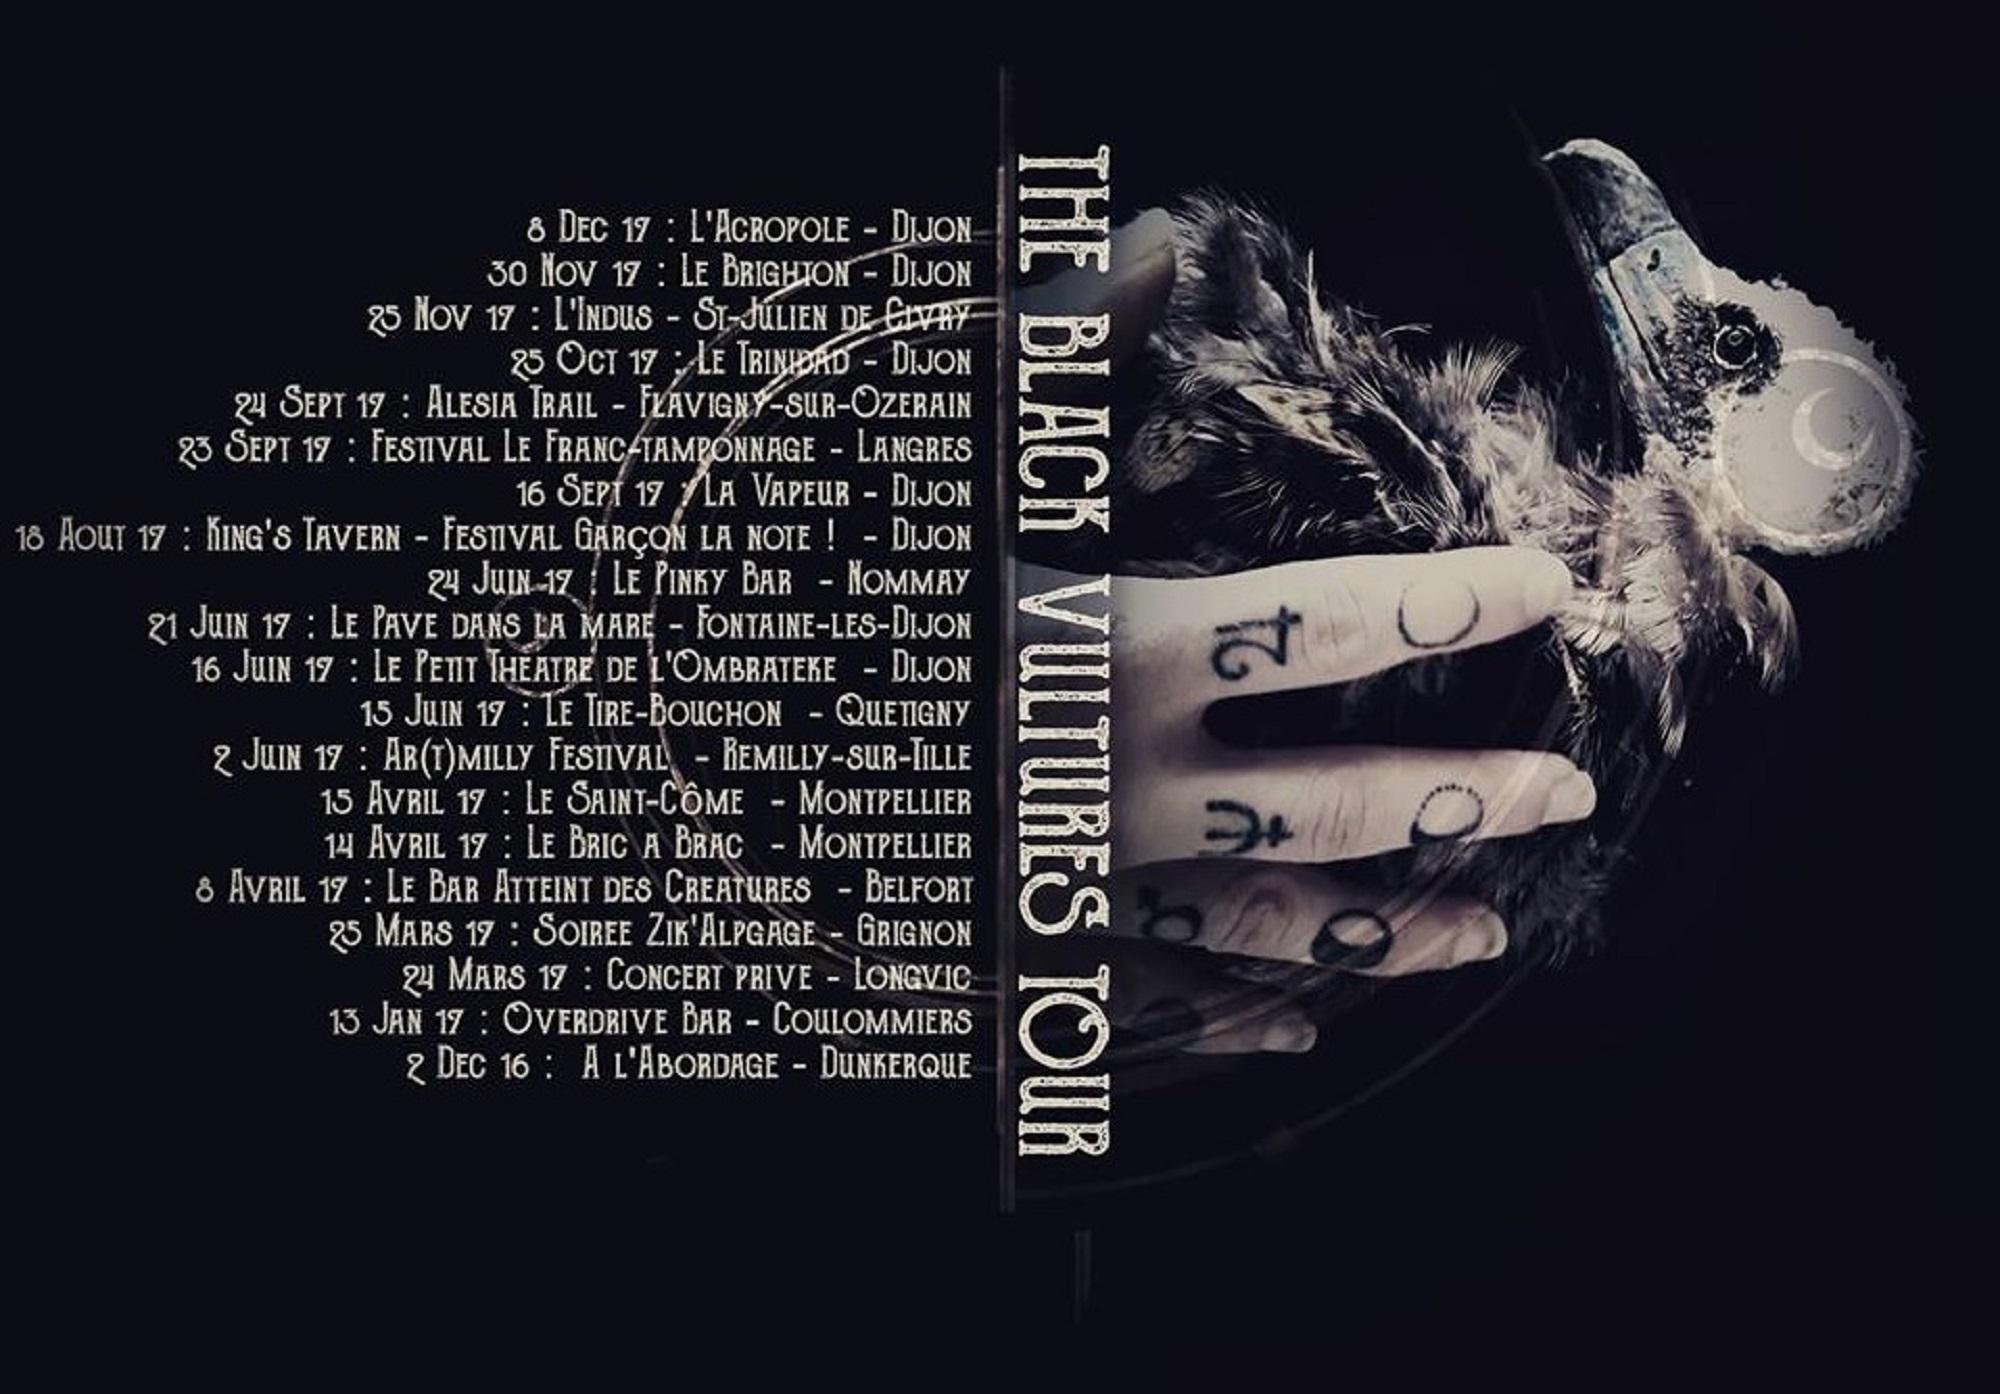 The Black Vultures Tour